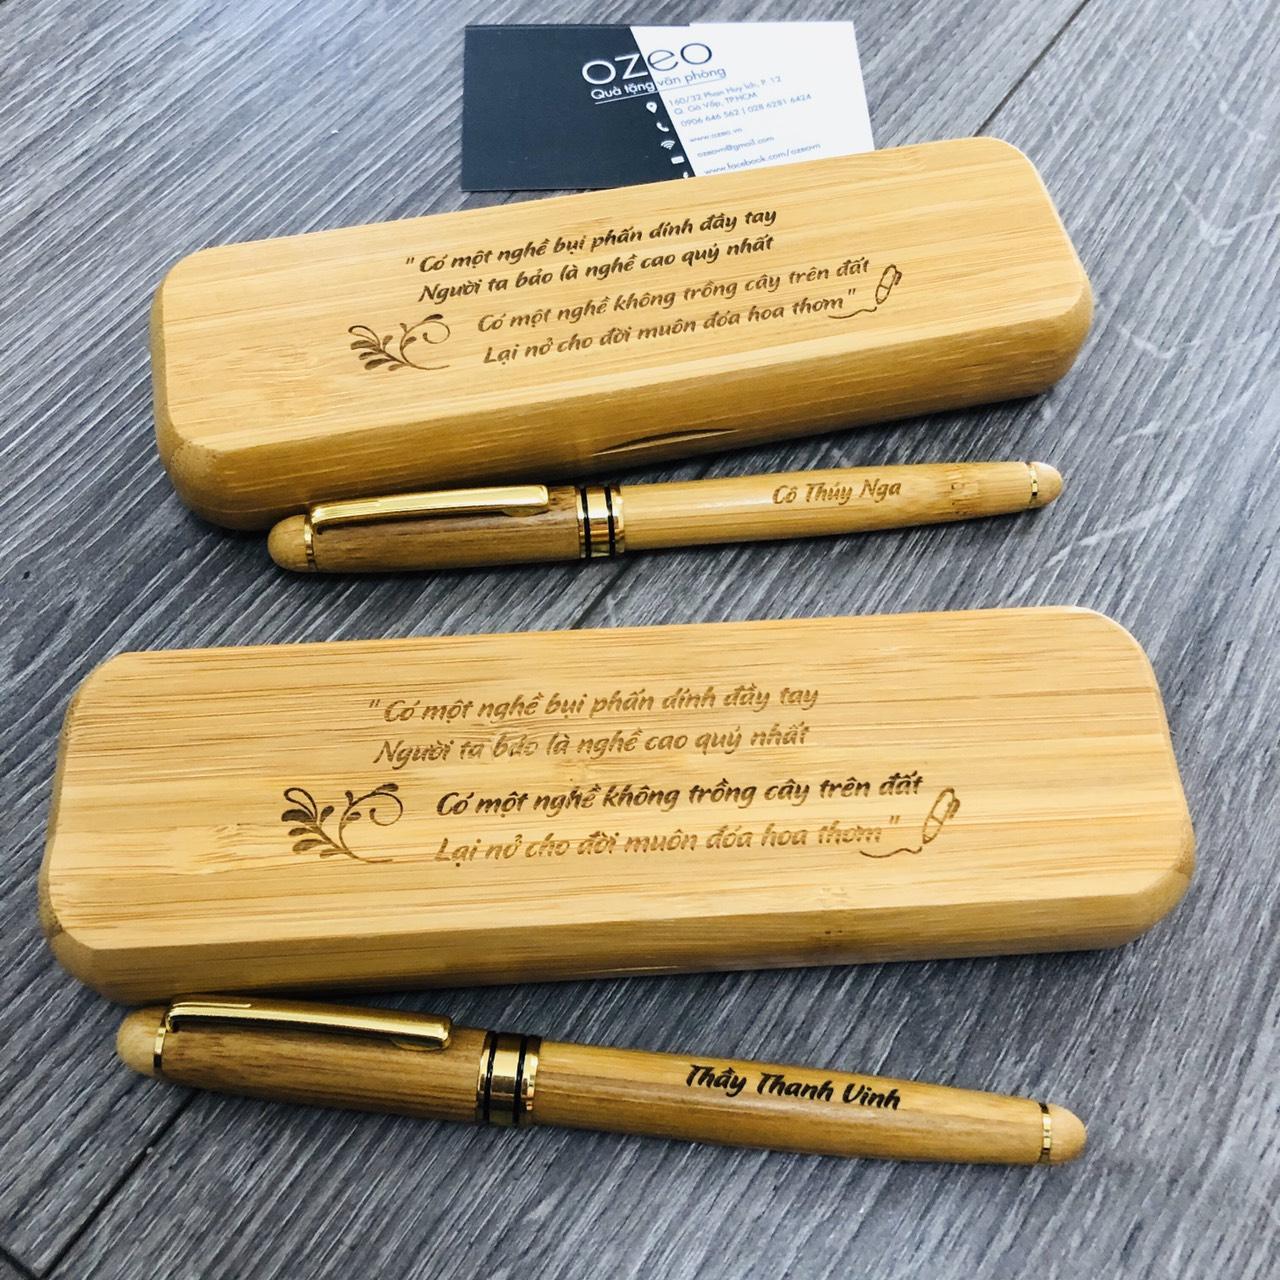 Bút gỗ tre khắc tên cá nhân hóa làm quà tặng thầy cô